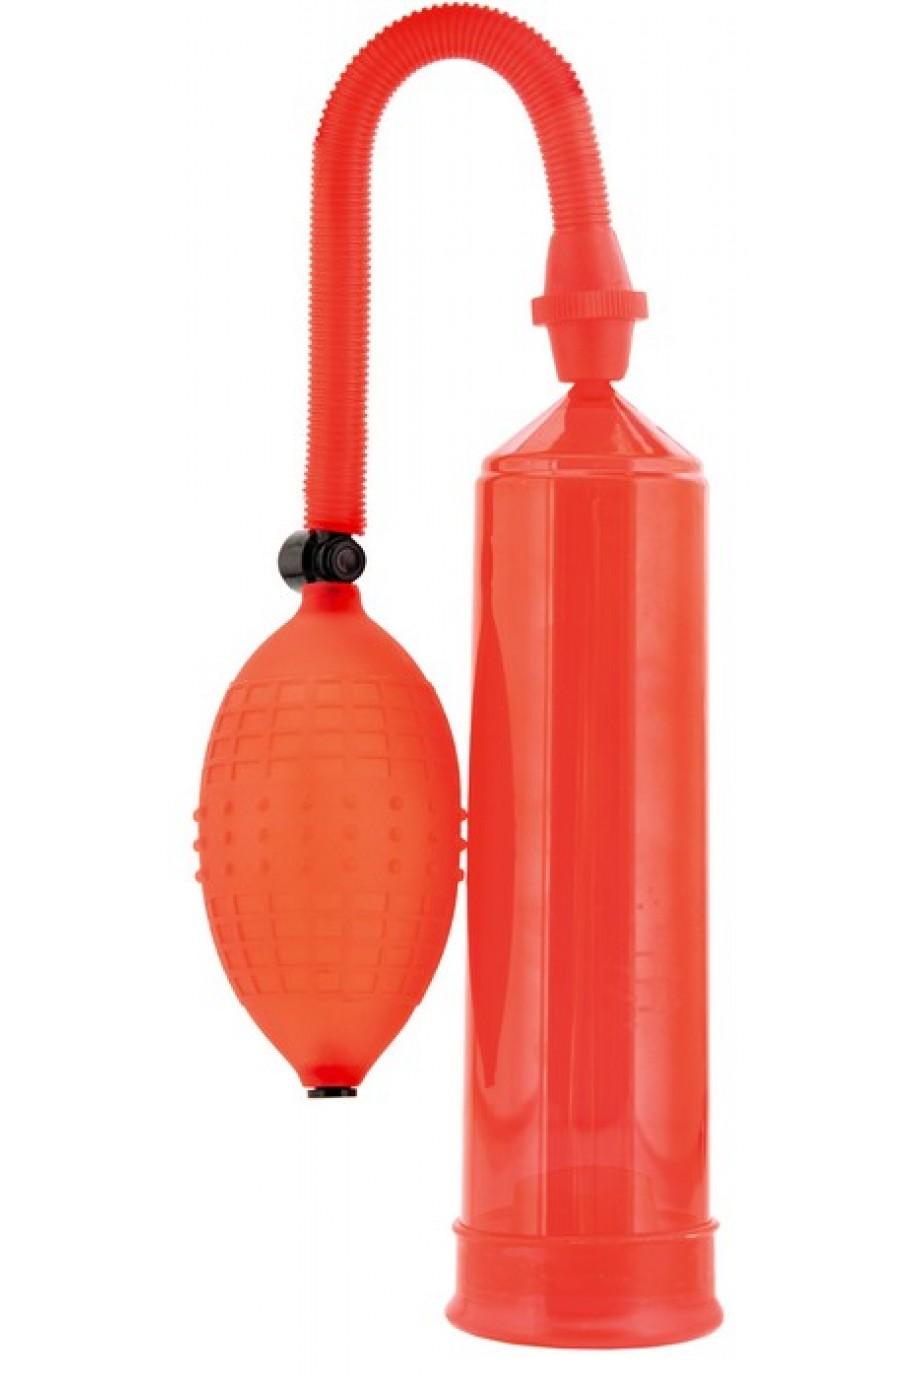 Вакуумная помпа Sexus Men, вакуумная, механическая, ABS пластик, красный, 23 см